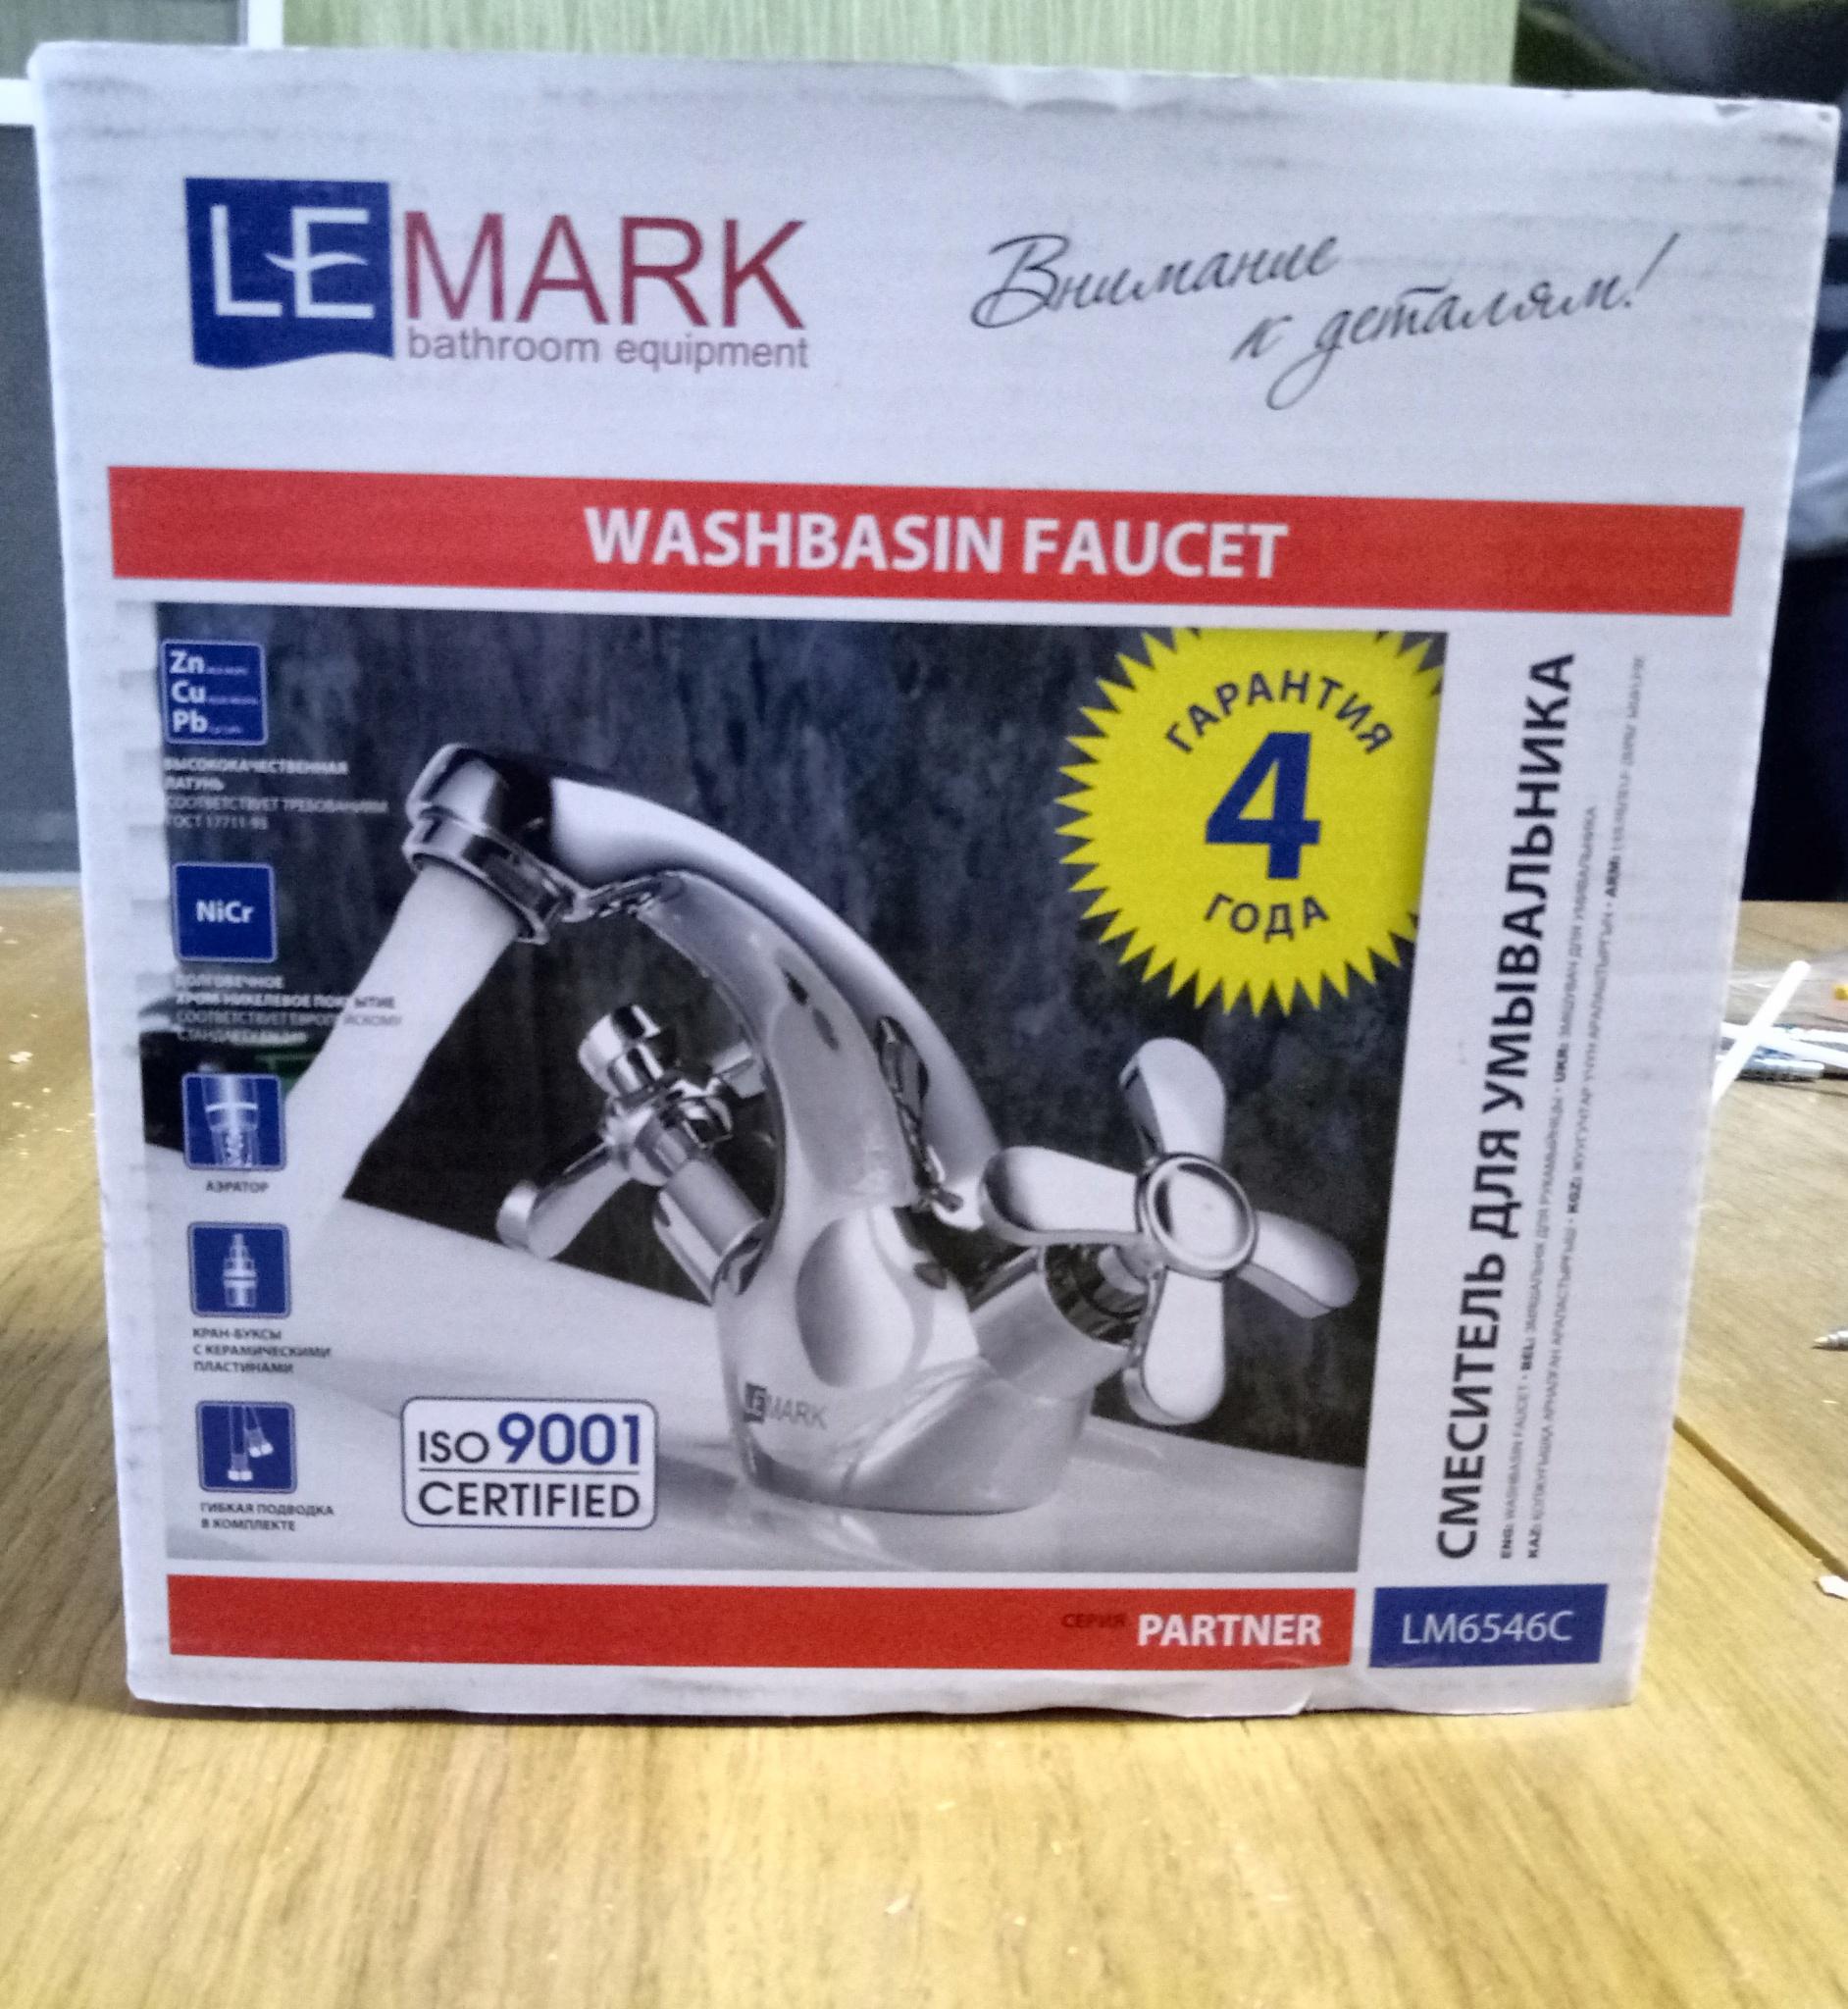 Lemark faucets: customer reviews 97